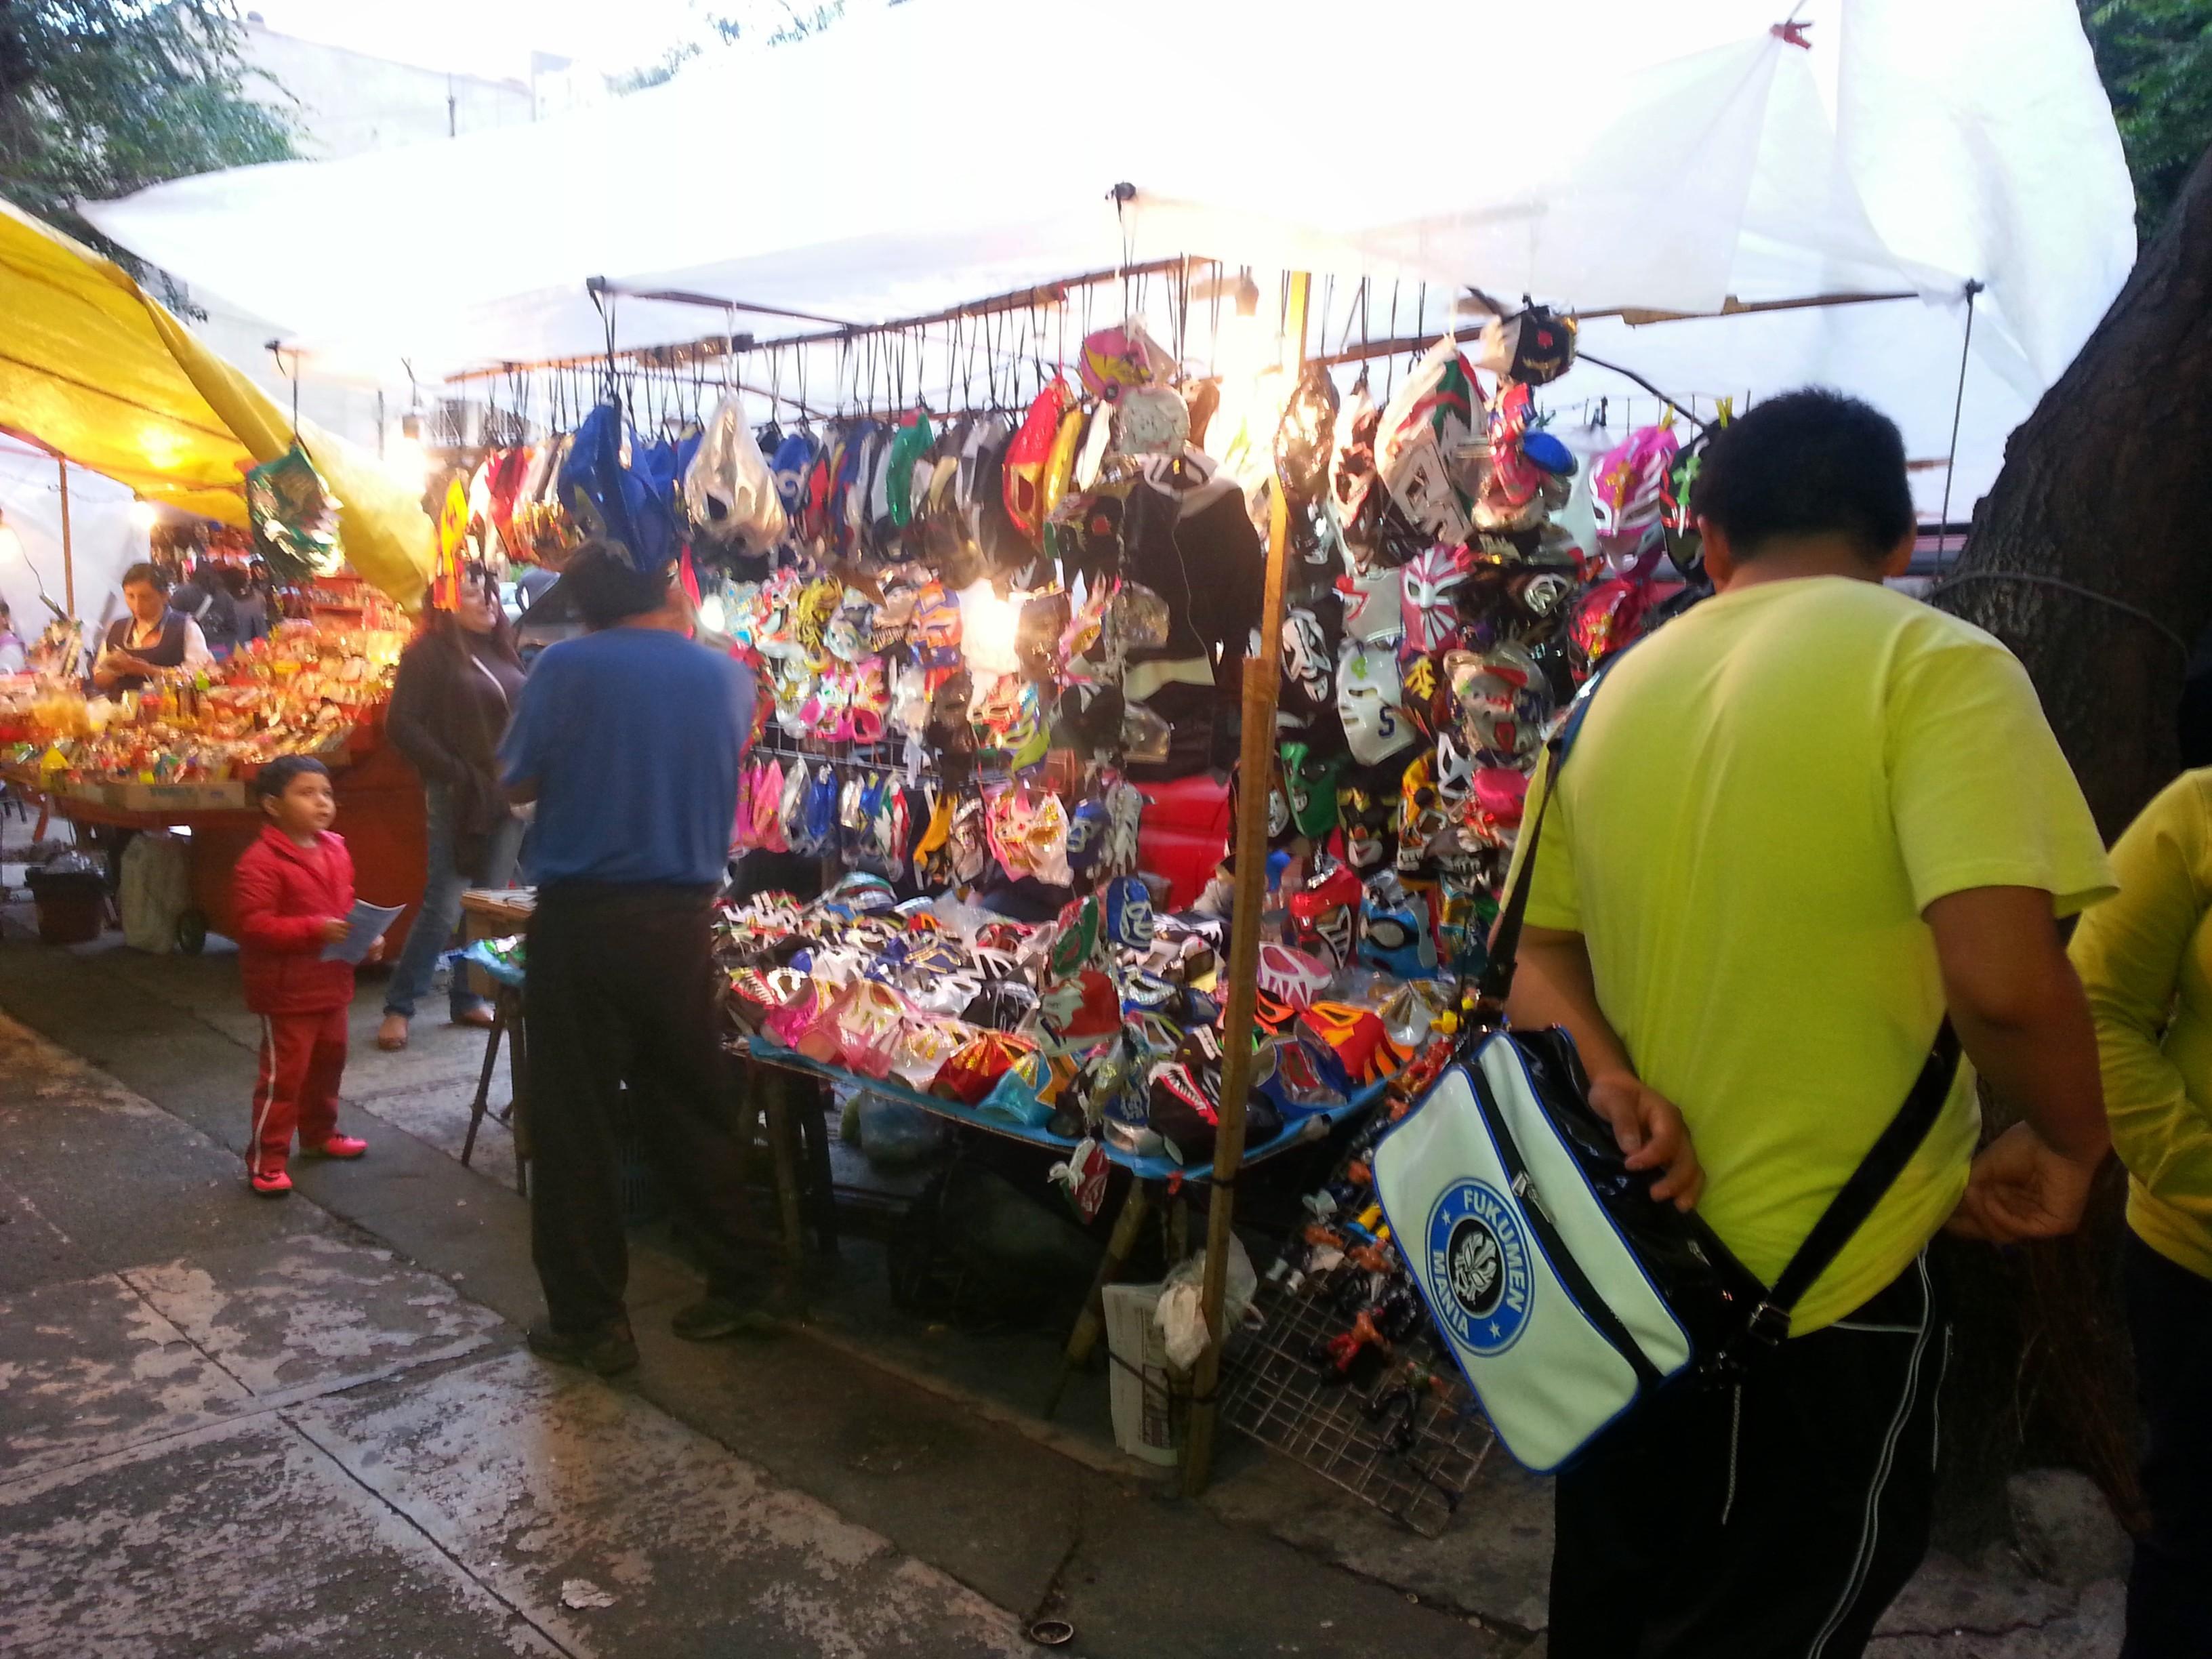 メキシコの格闘技といえば、『ルチャリブレ』